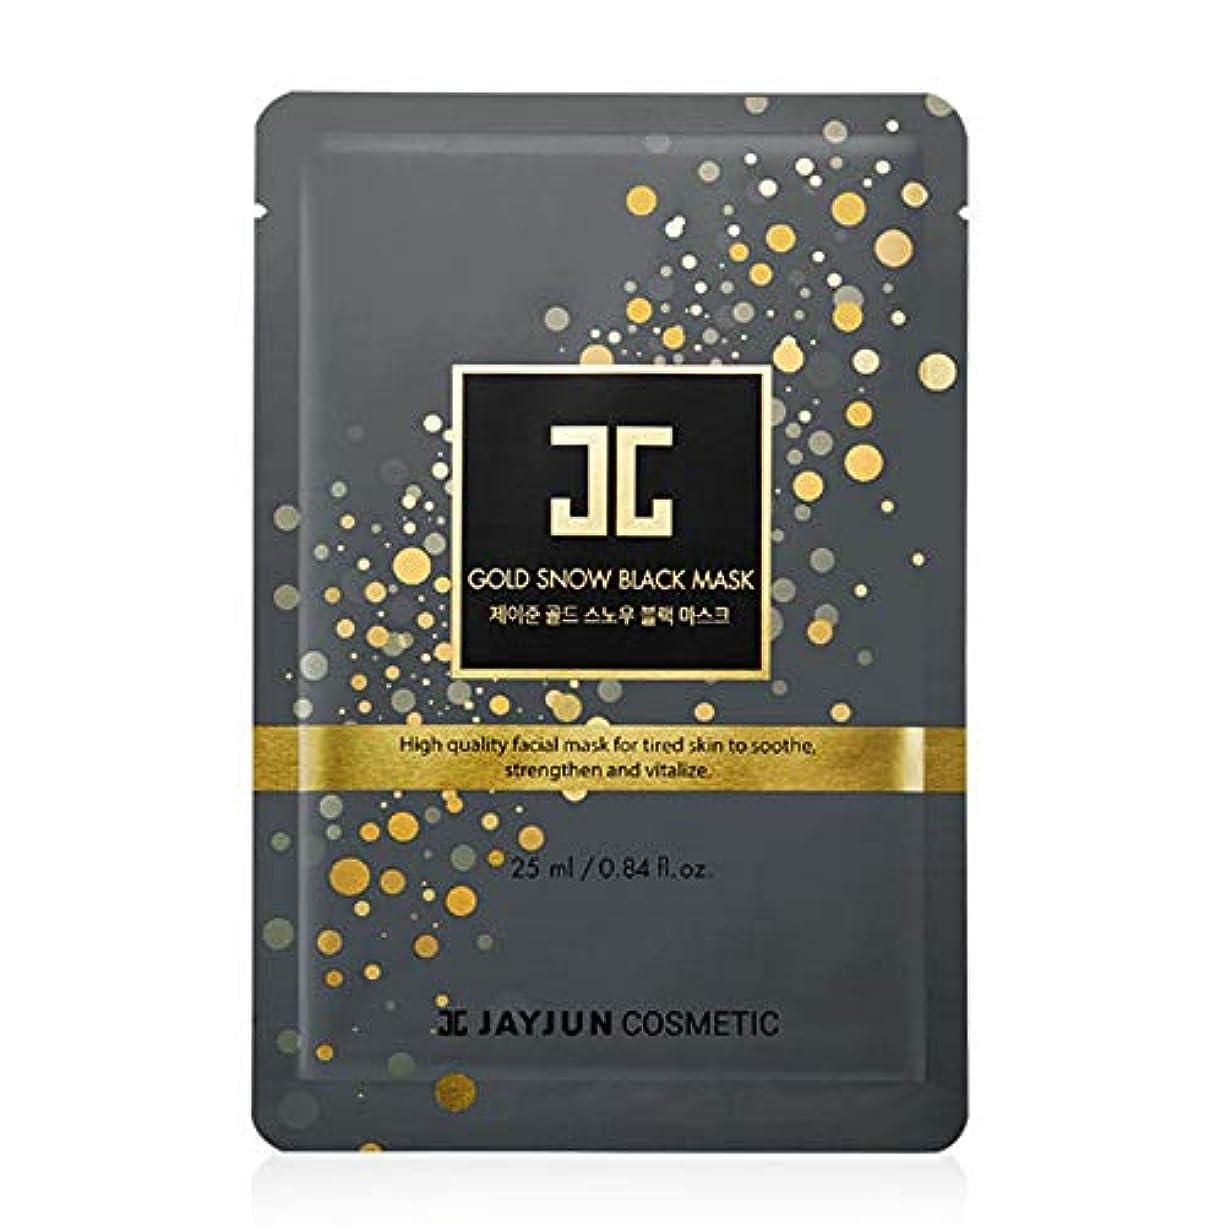 建設静かに前書きJayjun(ジェイジュン) ゴールドスノーブラックマスク(専用セラム5個付)25ml 5枚セット